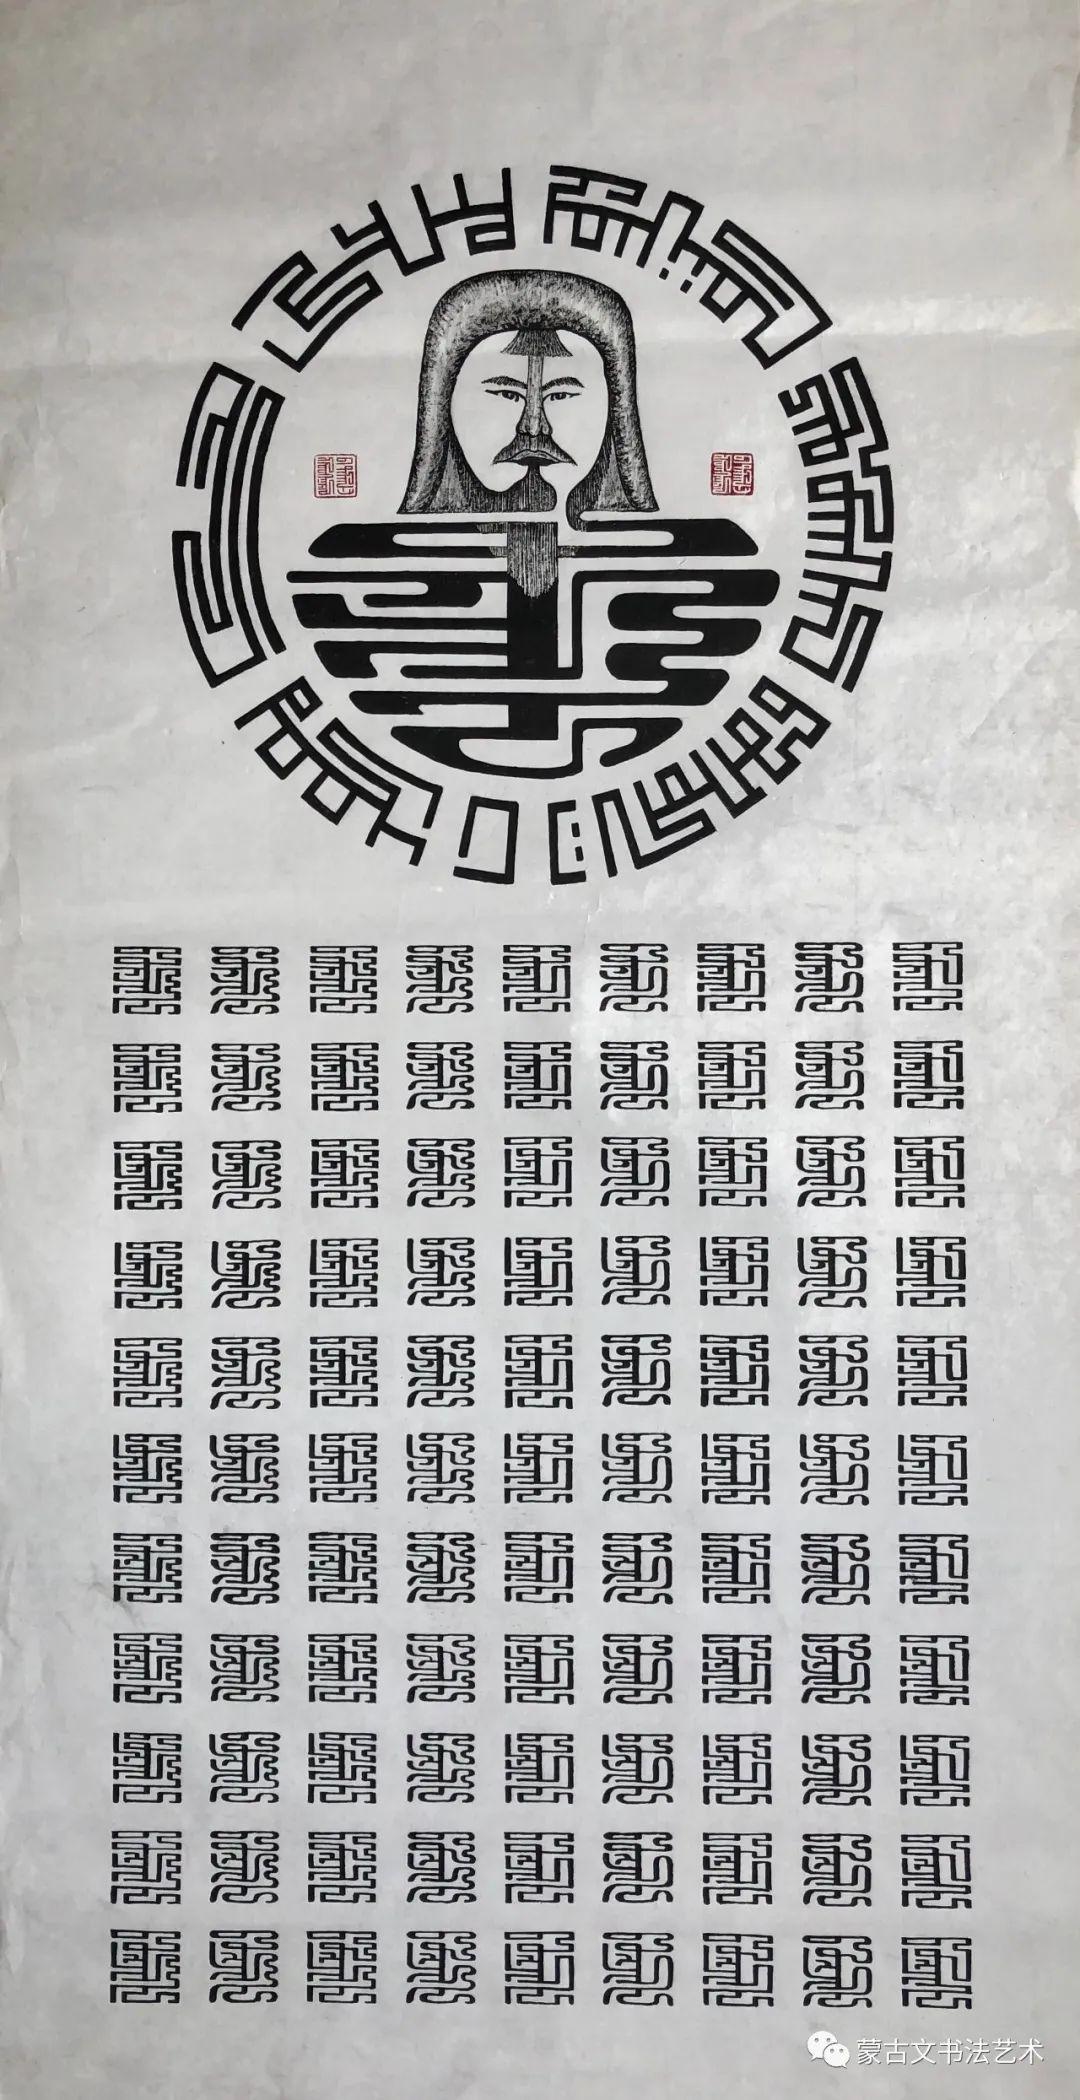 好斯那拉篆书作品 第13张 好斯那拉篆书作品 蒙古书法